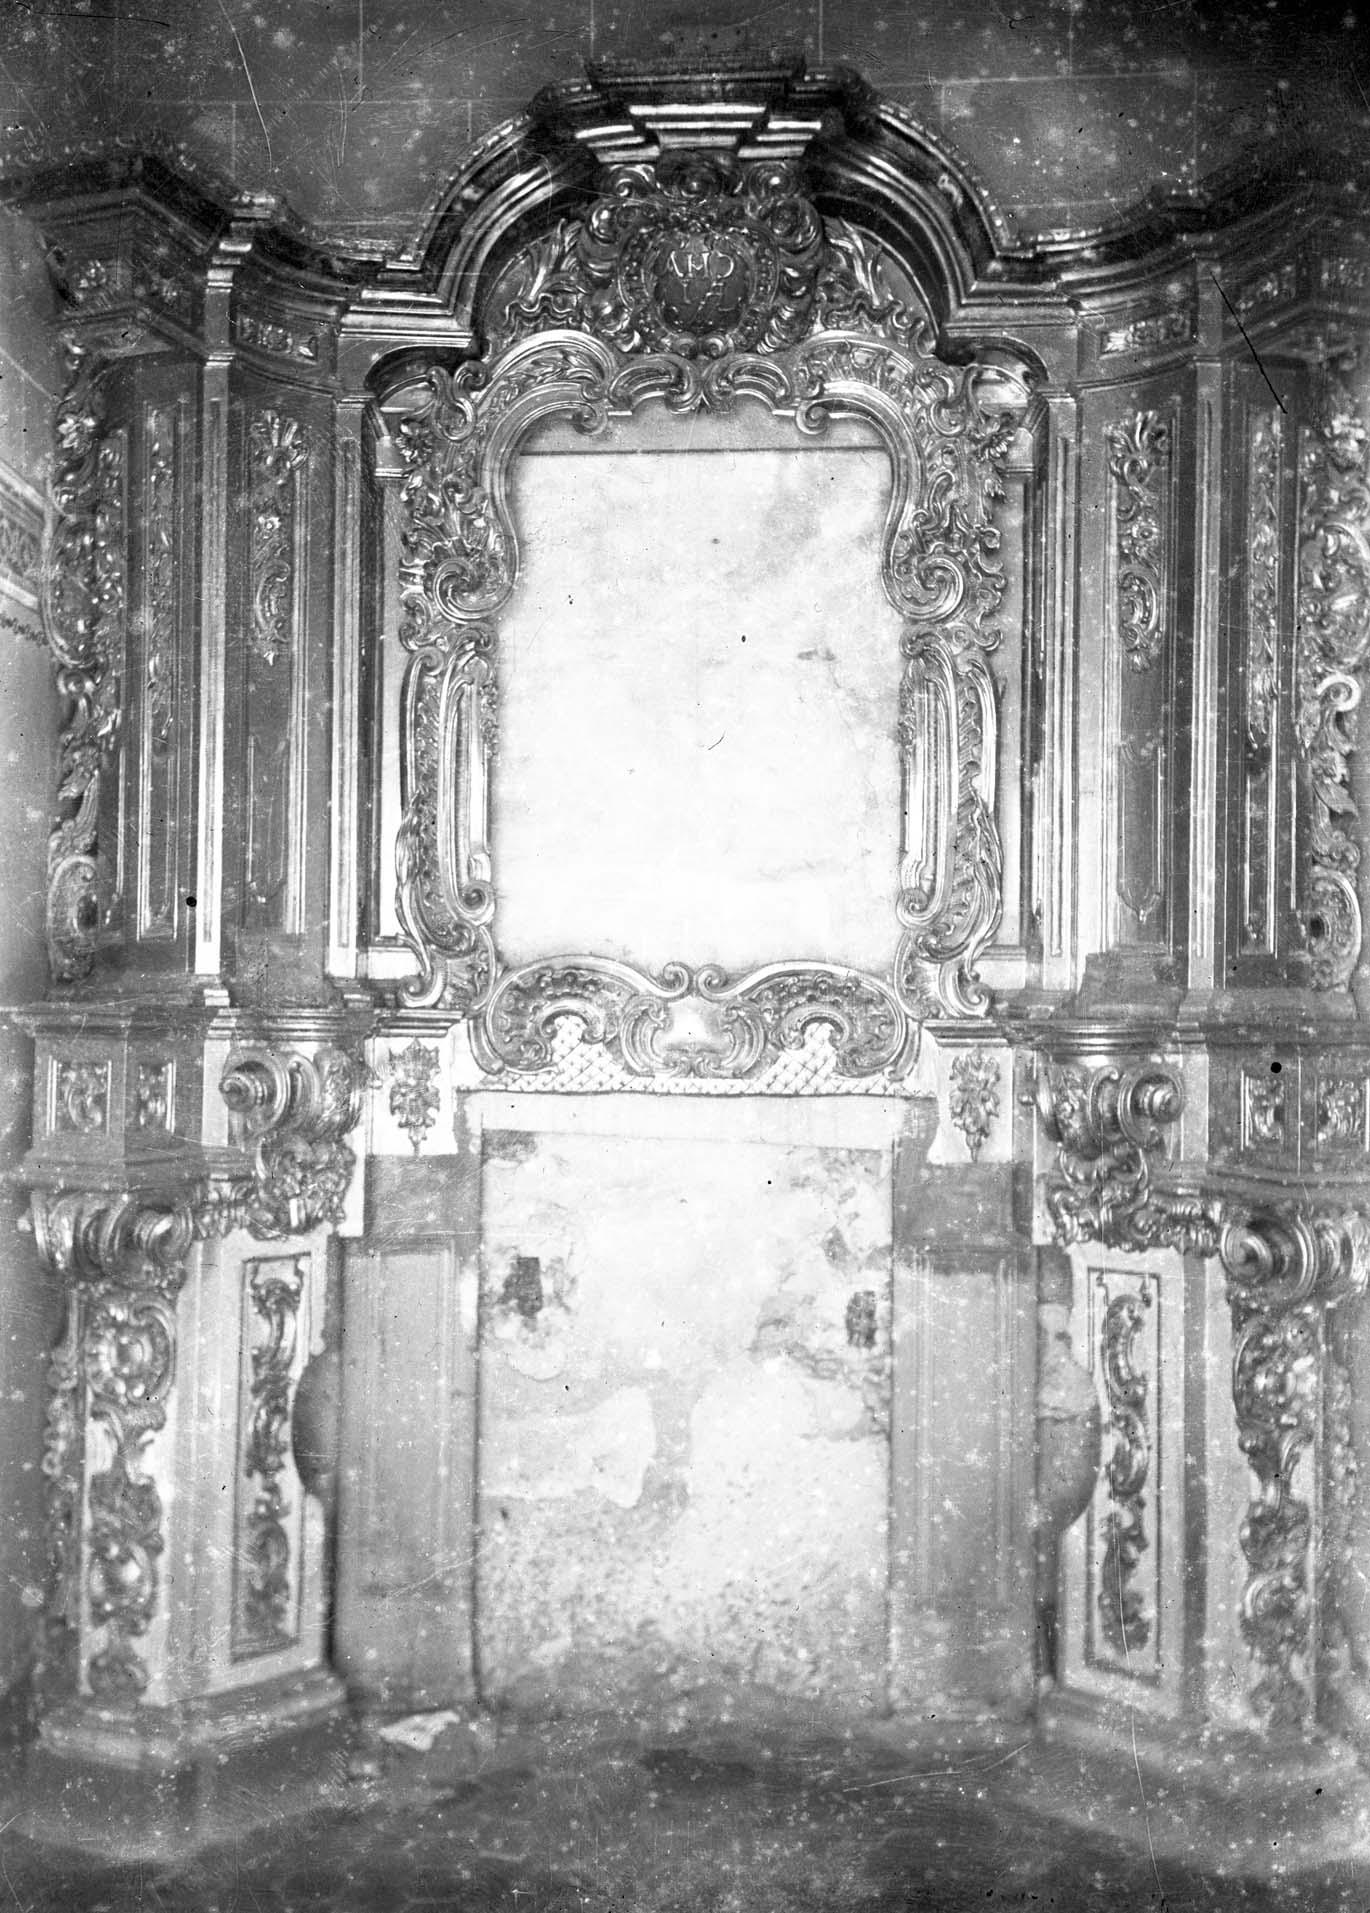 Vista parcial d'un retaule de la basílica de Santa Maria, a Castelló d'Empúries, entre els anys 1942 i 1944 (ACGAX. Fons Sadurní Brunet Pi. Autor: Sadurní Brunet)